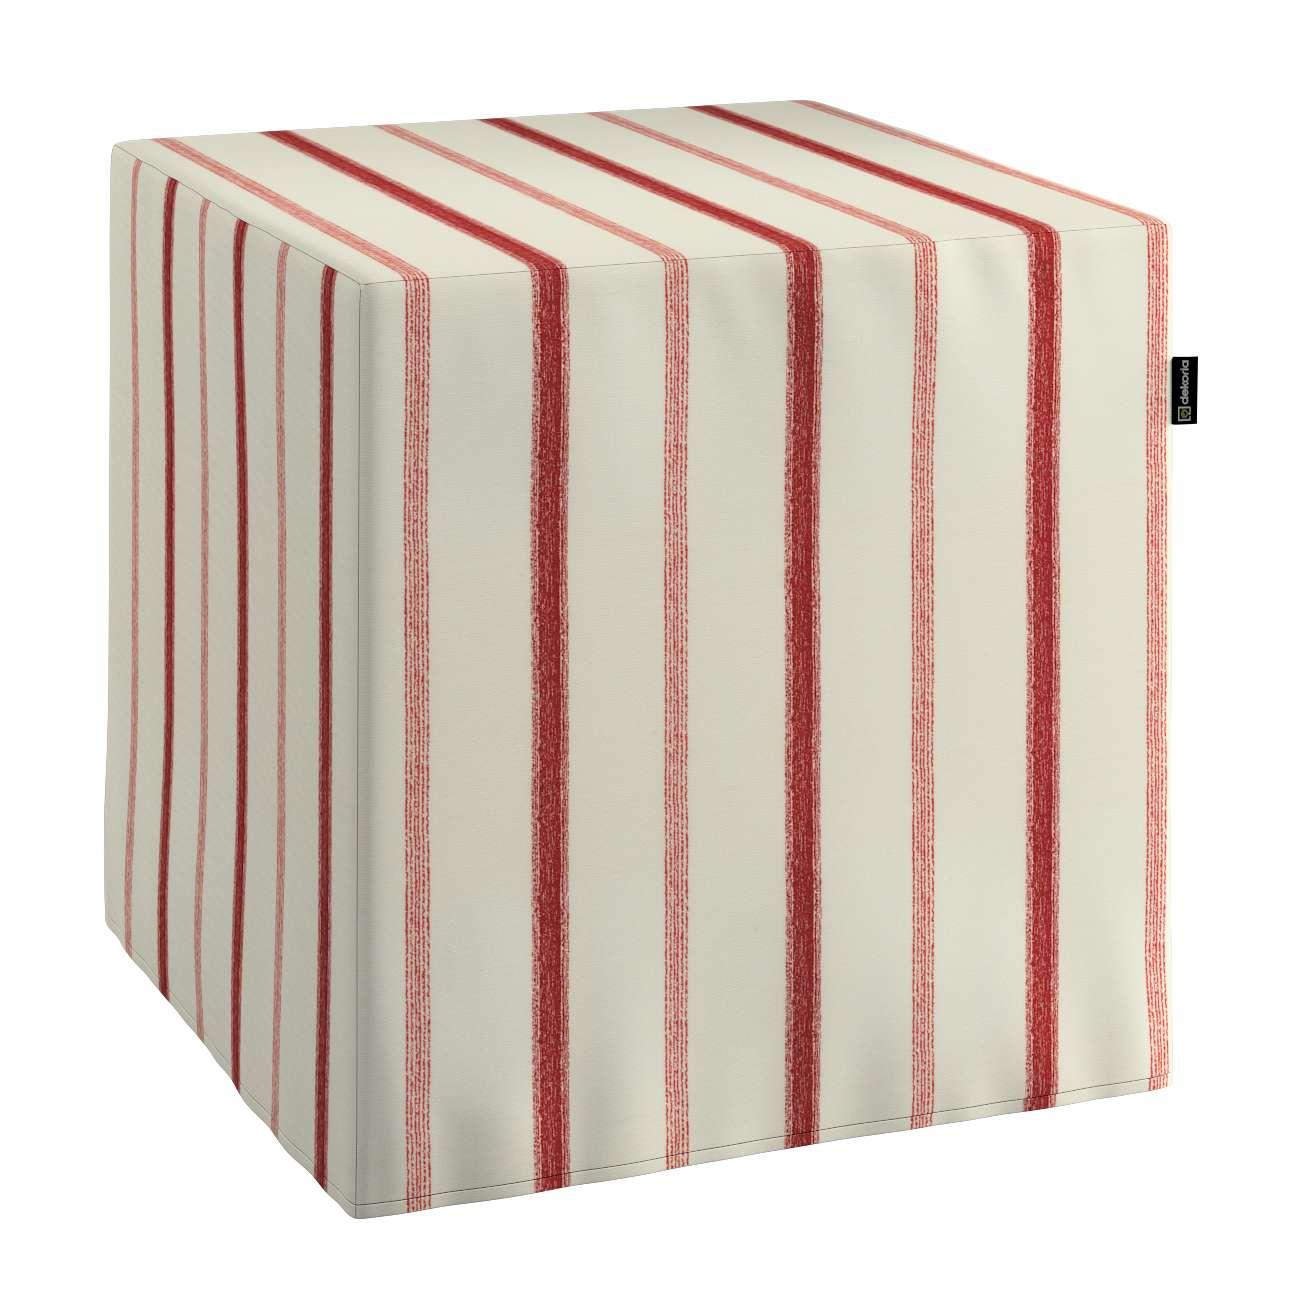 Taburetka tvrdá, kocka V kolekcii Avinon, tkanina: 129-15